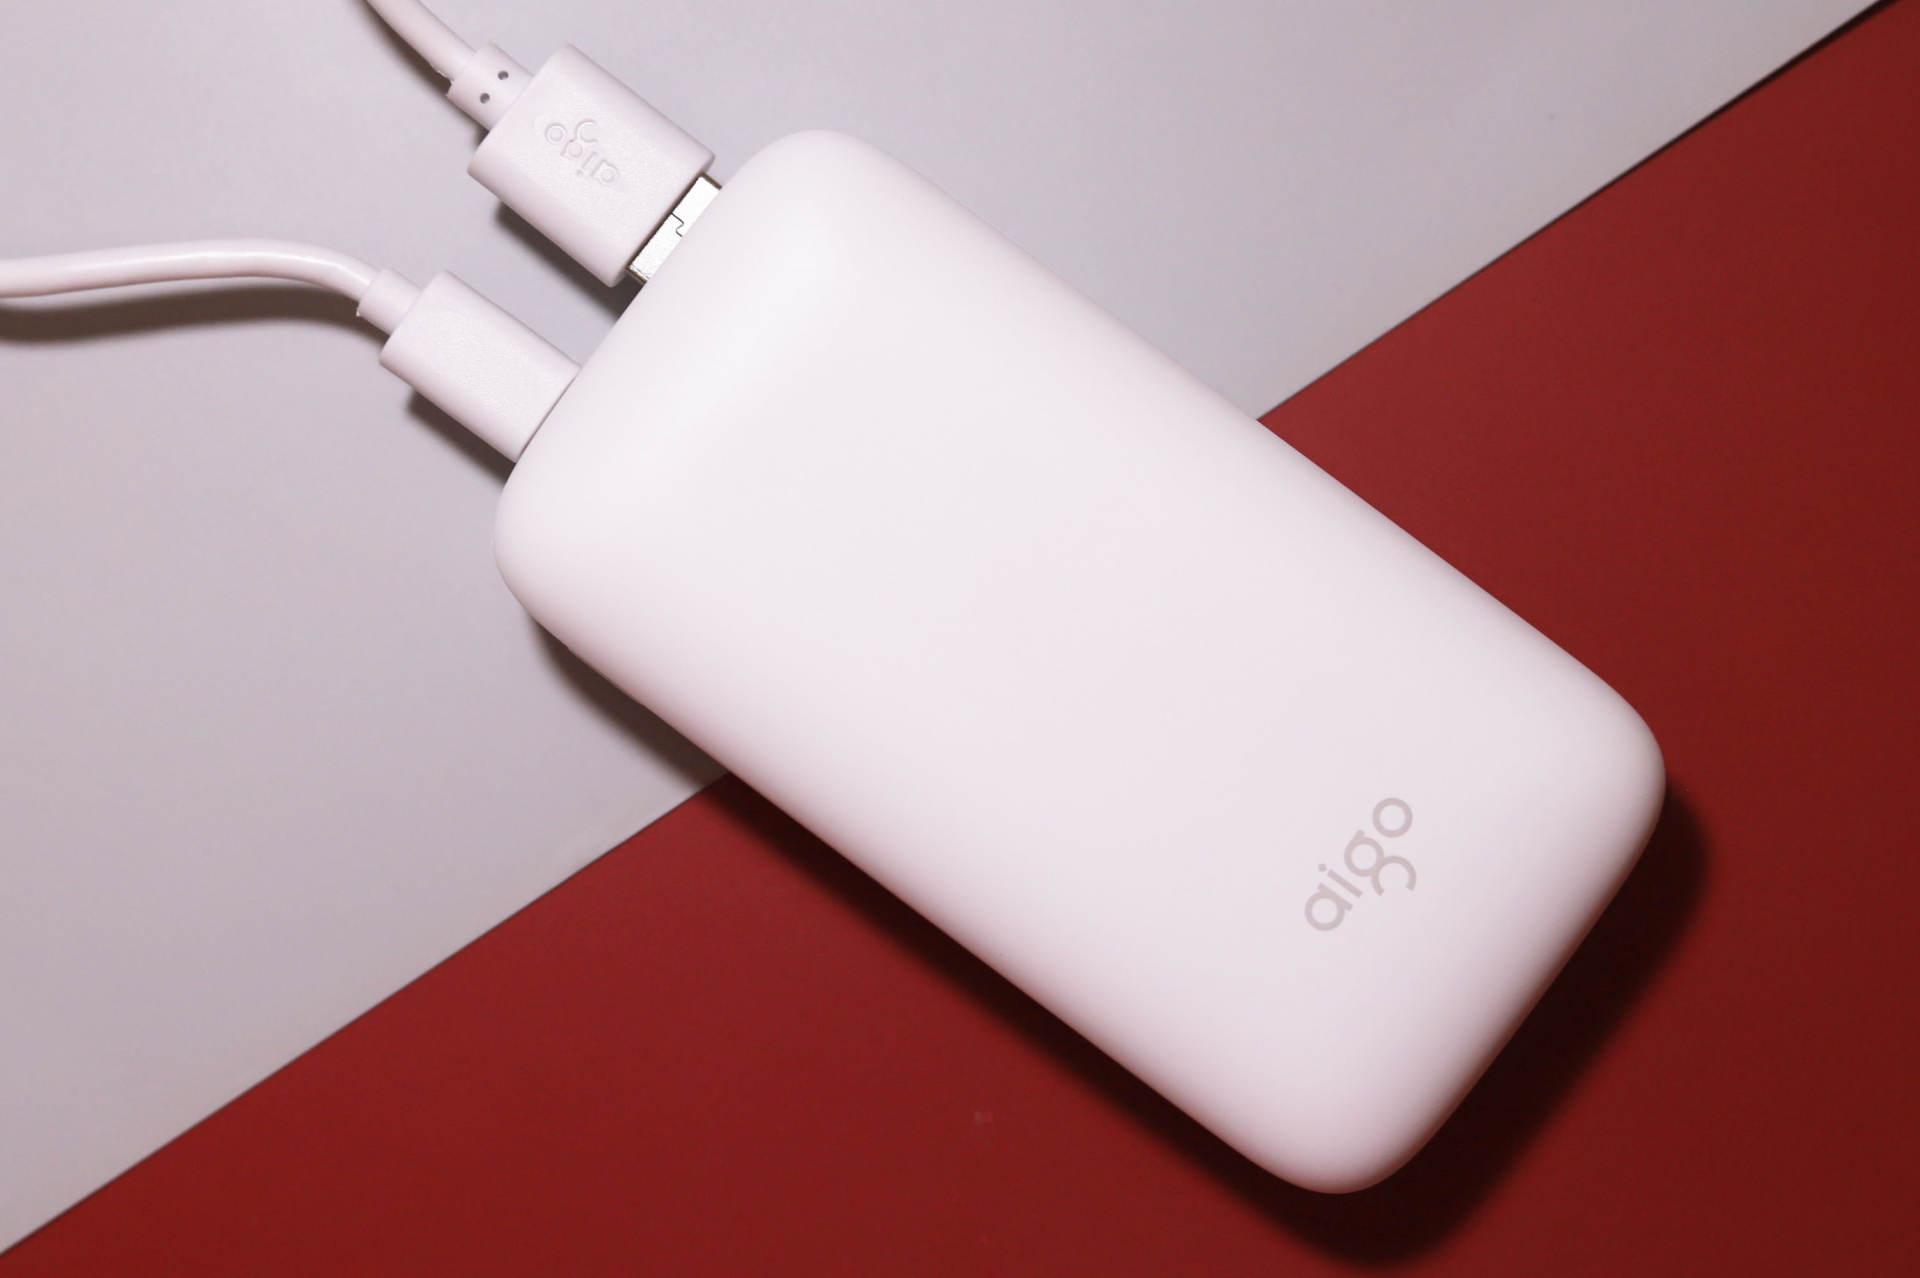 爱国者aigo X10P充电宝使用报告:小巧光滑如肥皂,双向快充瞬间补电